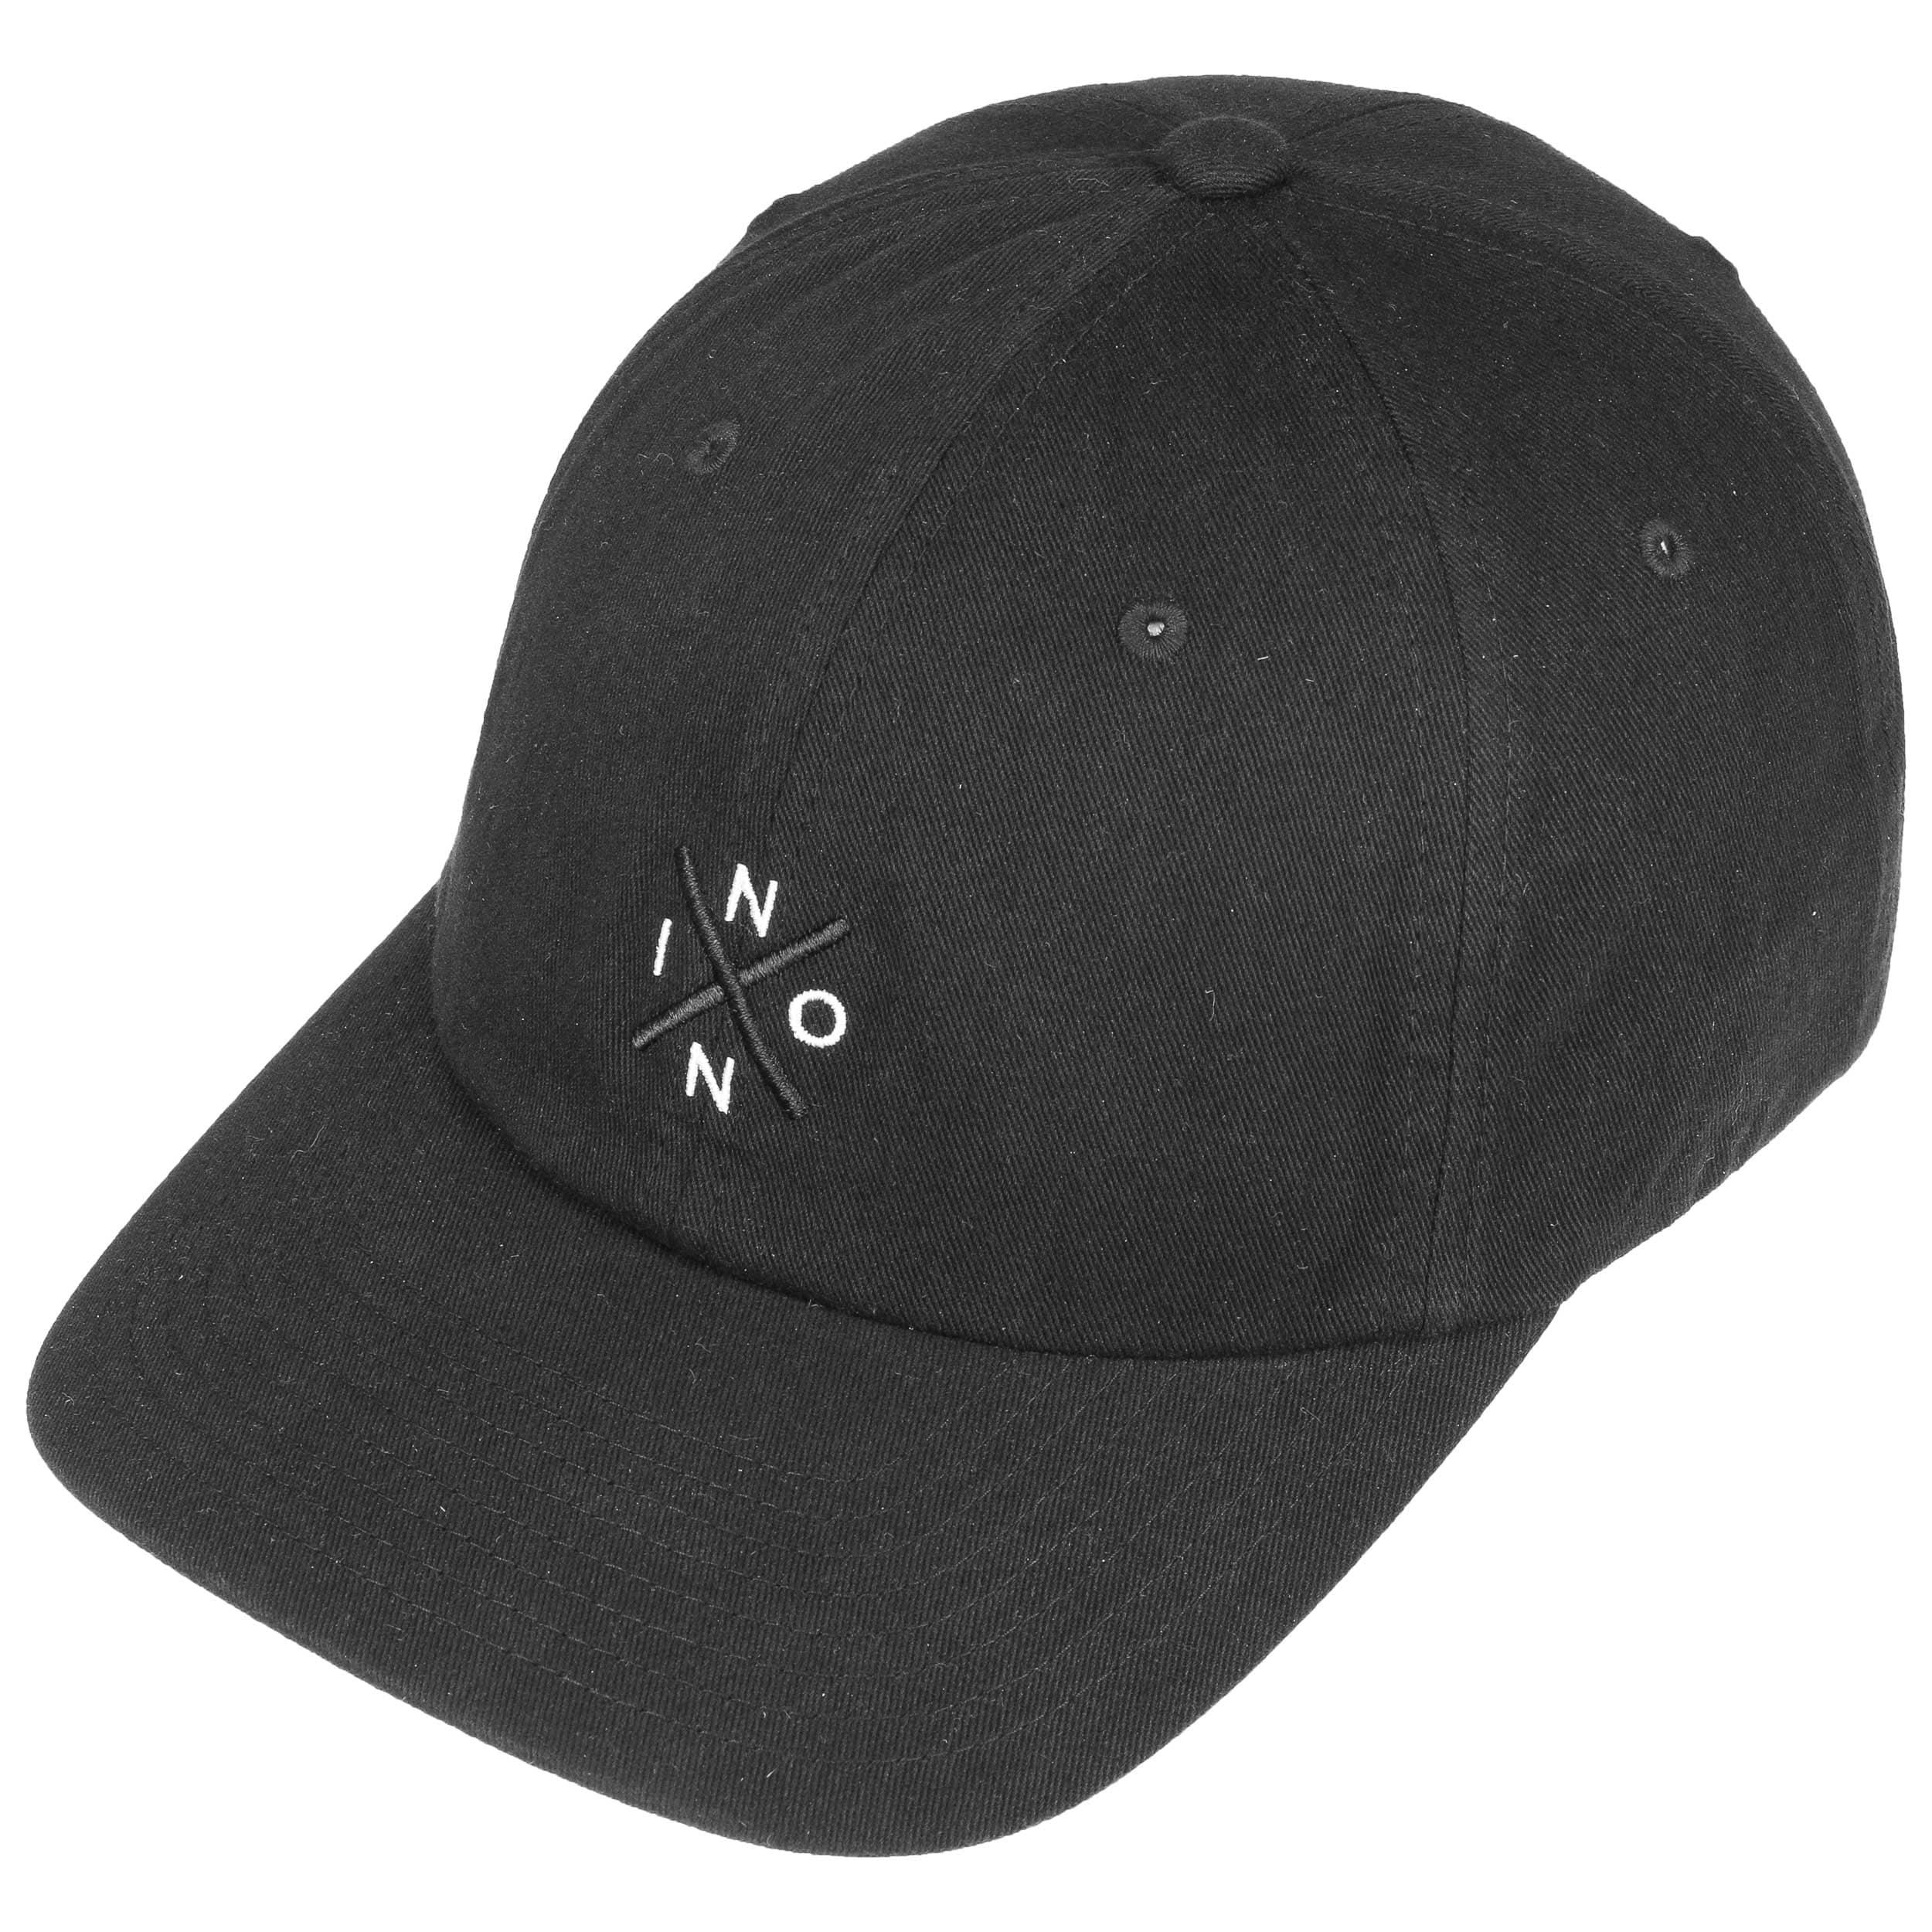 new style 0994f 6240a Prep Strapback Cap by Nixon - black 1 ...